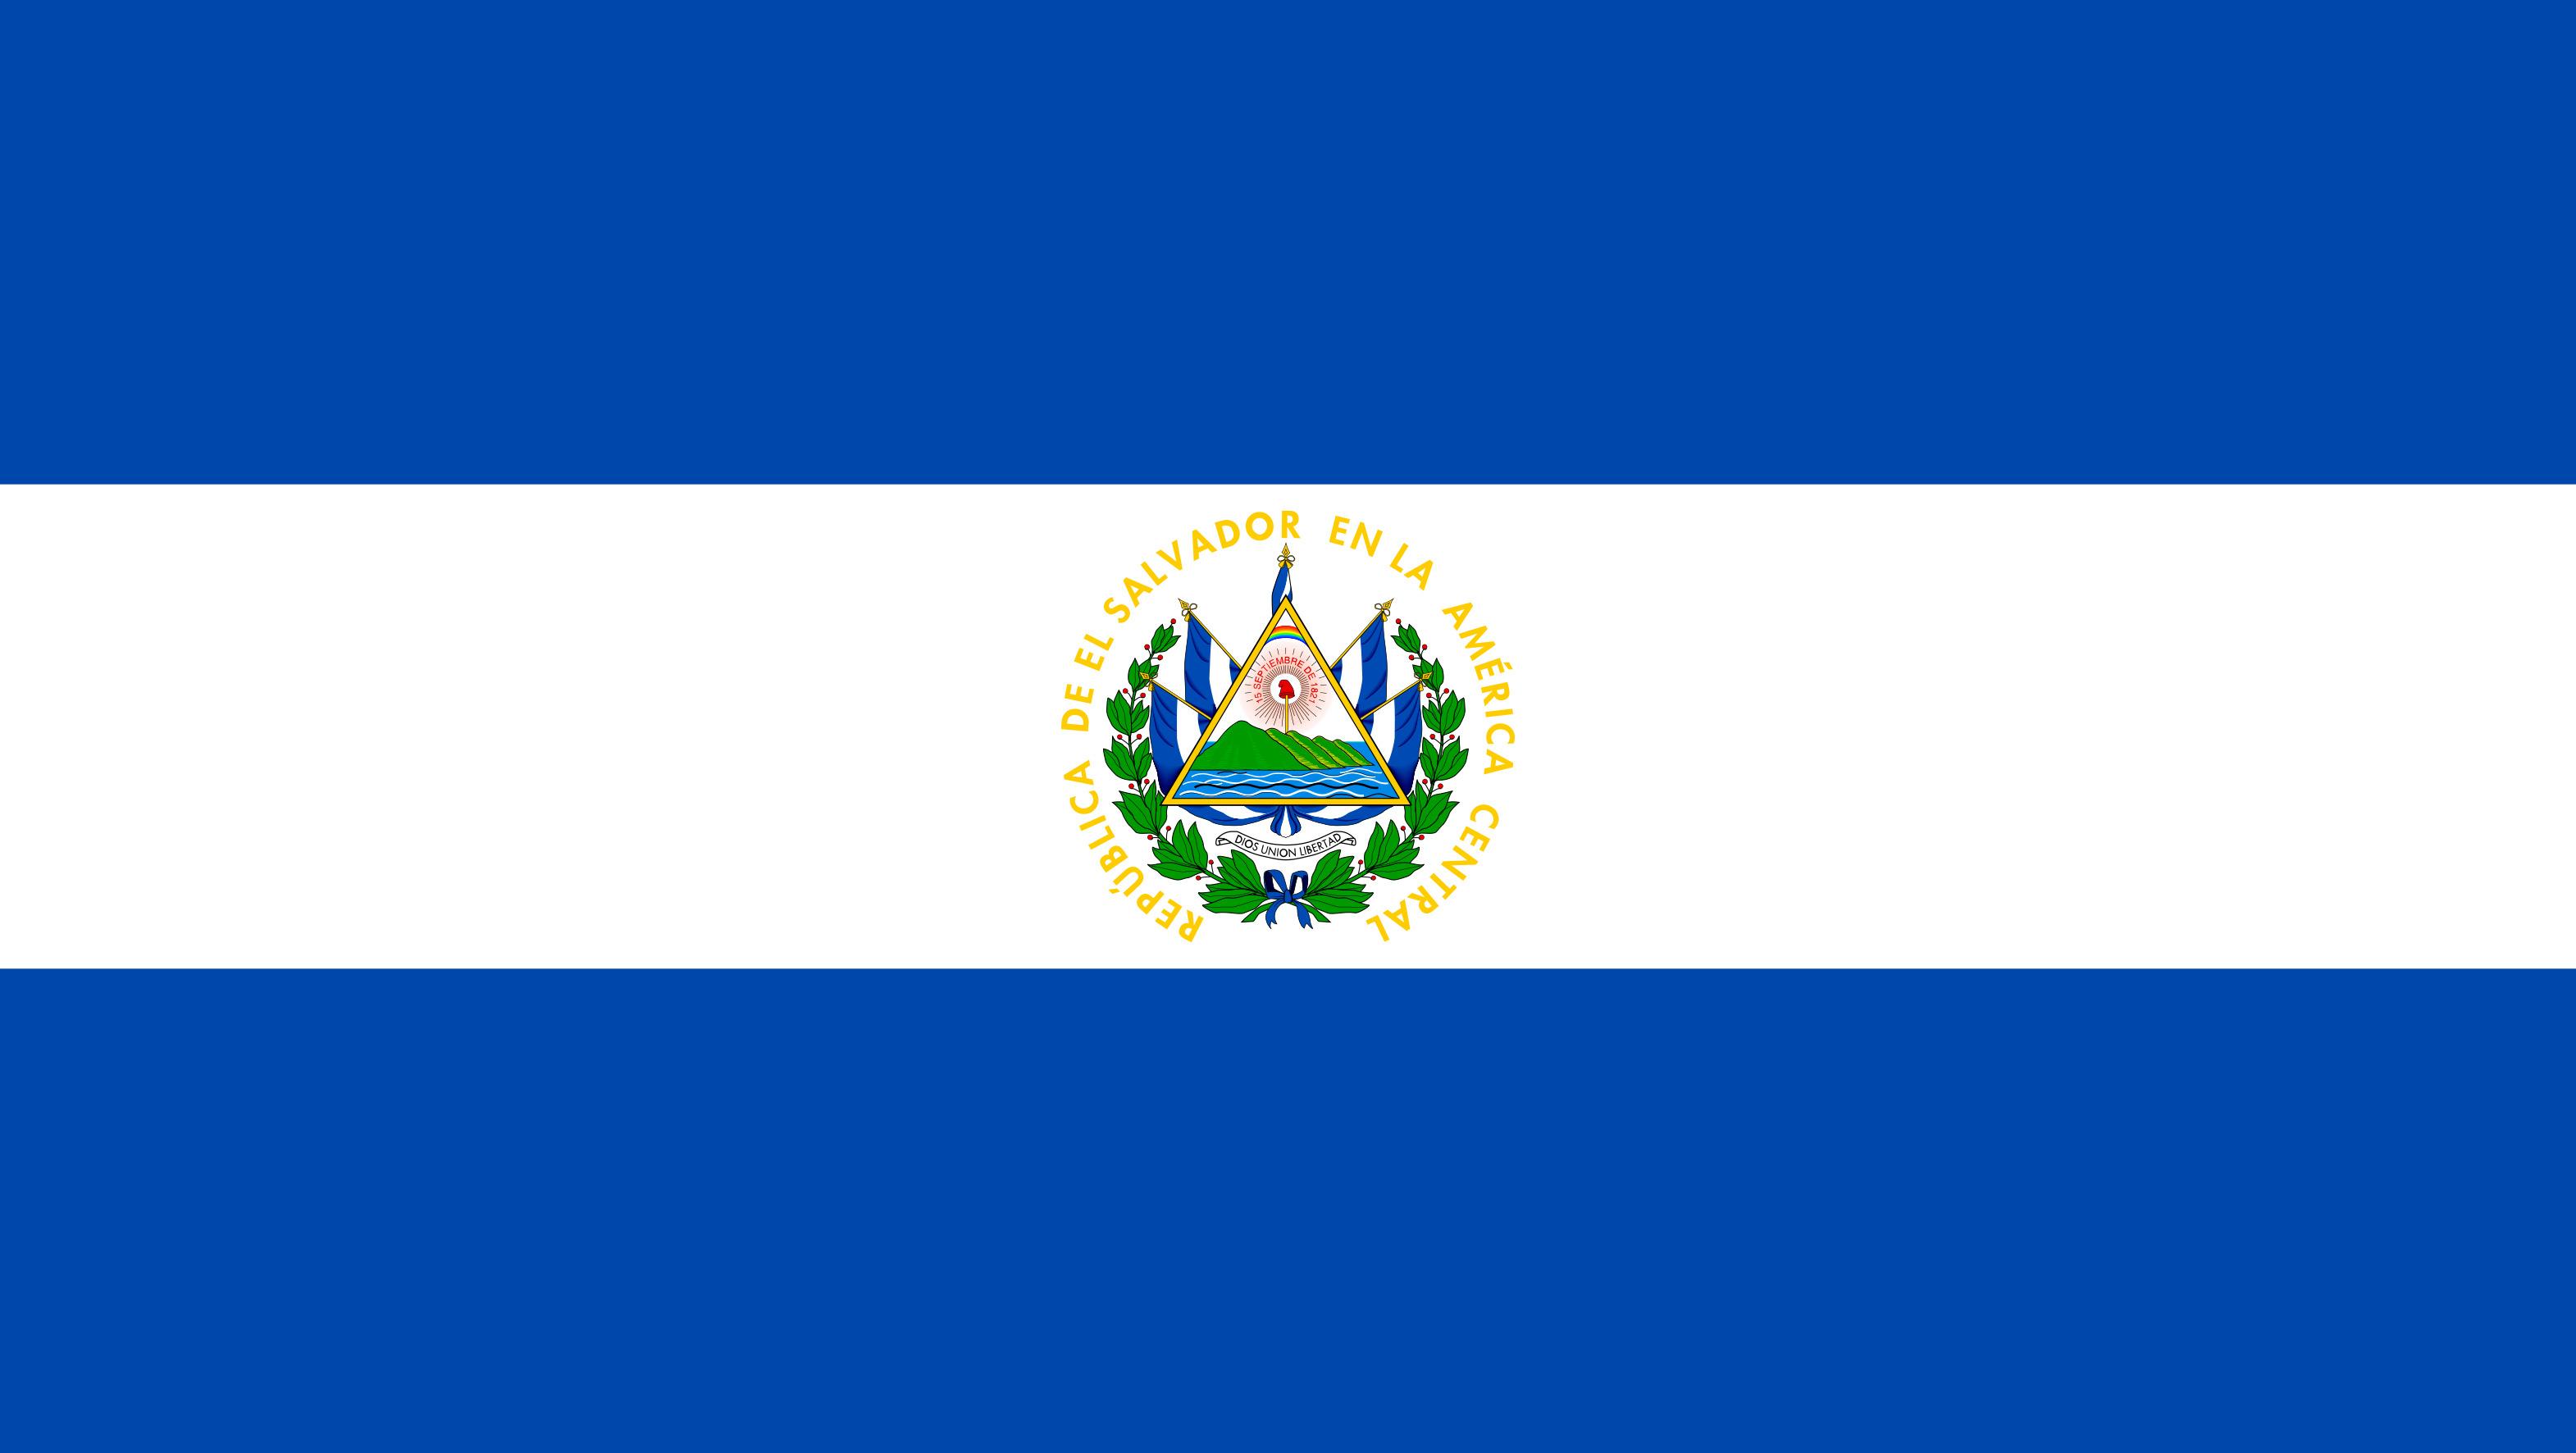 El_Salvador Flag Colours